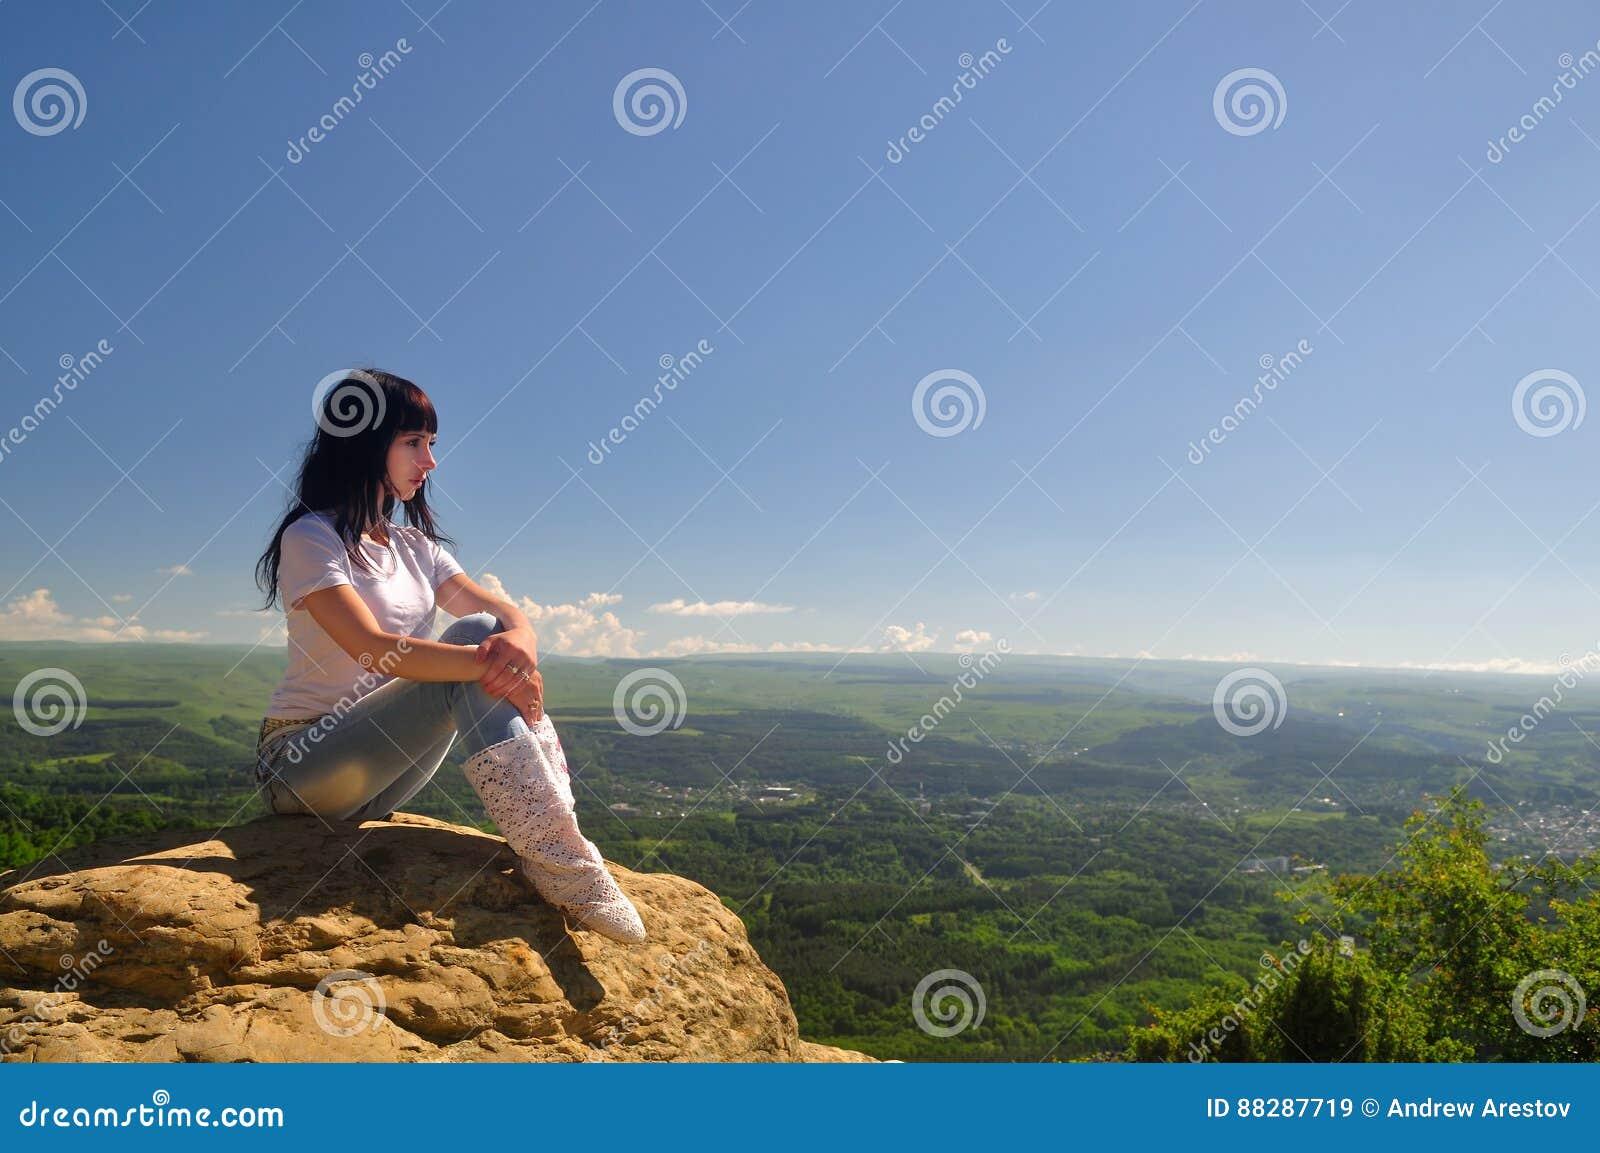 Фото девушки осенью возле скал 10